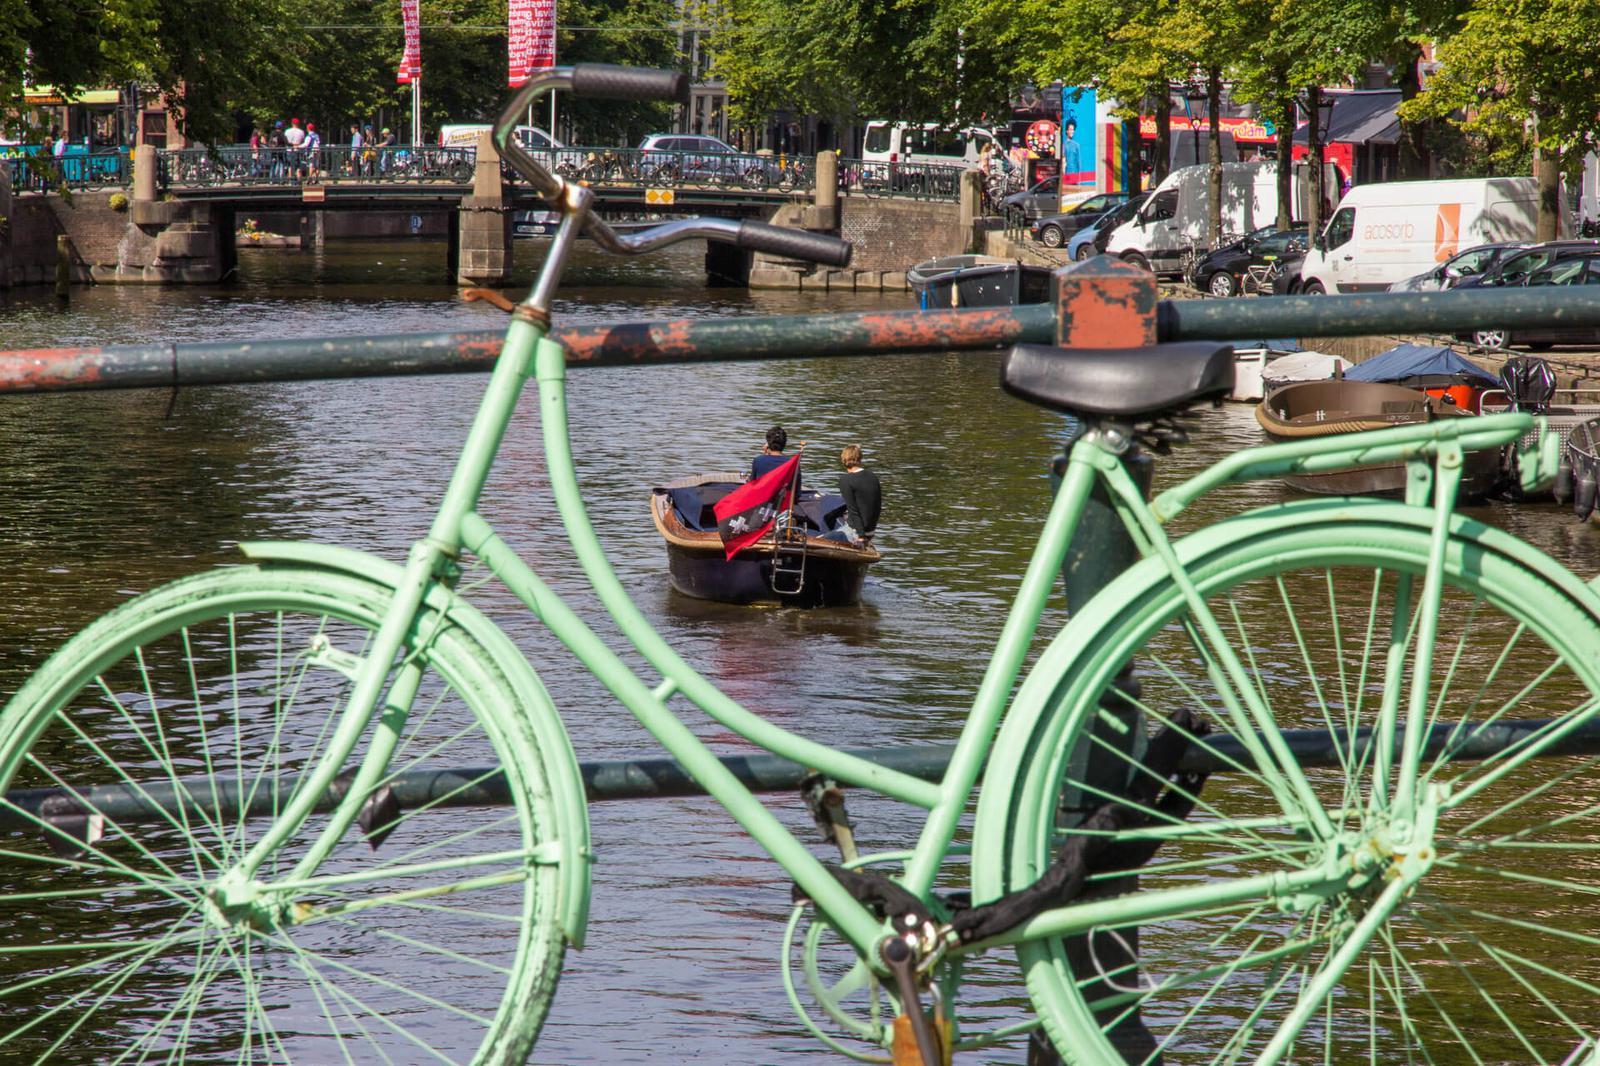 rsz_amsterdam_-merijn_roubroeks (1)